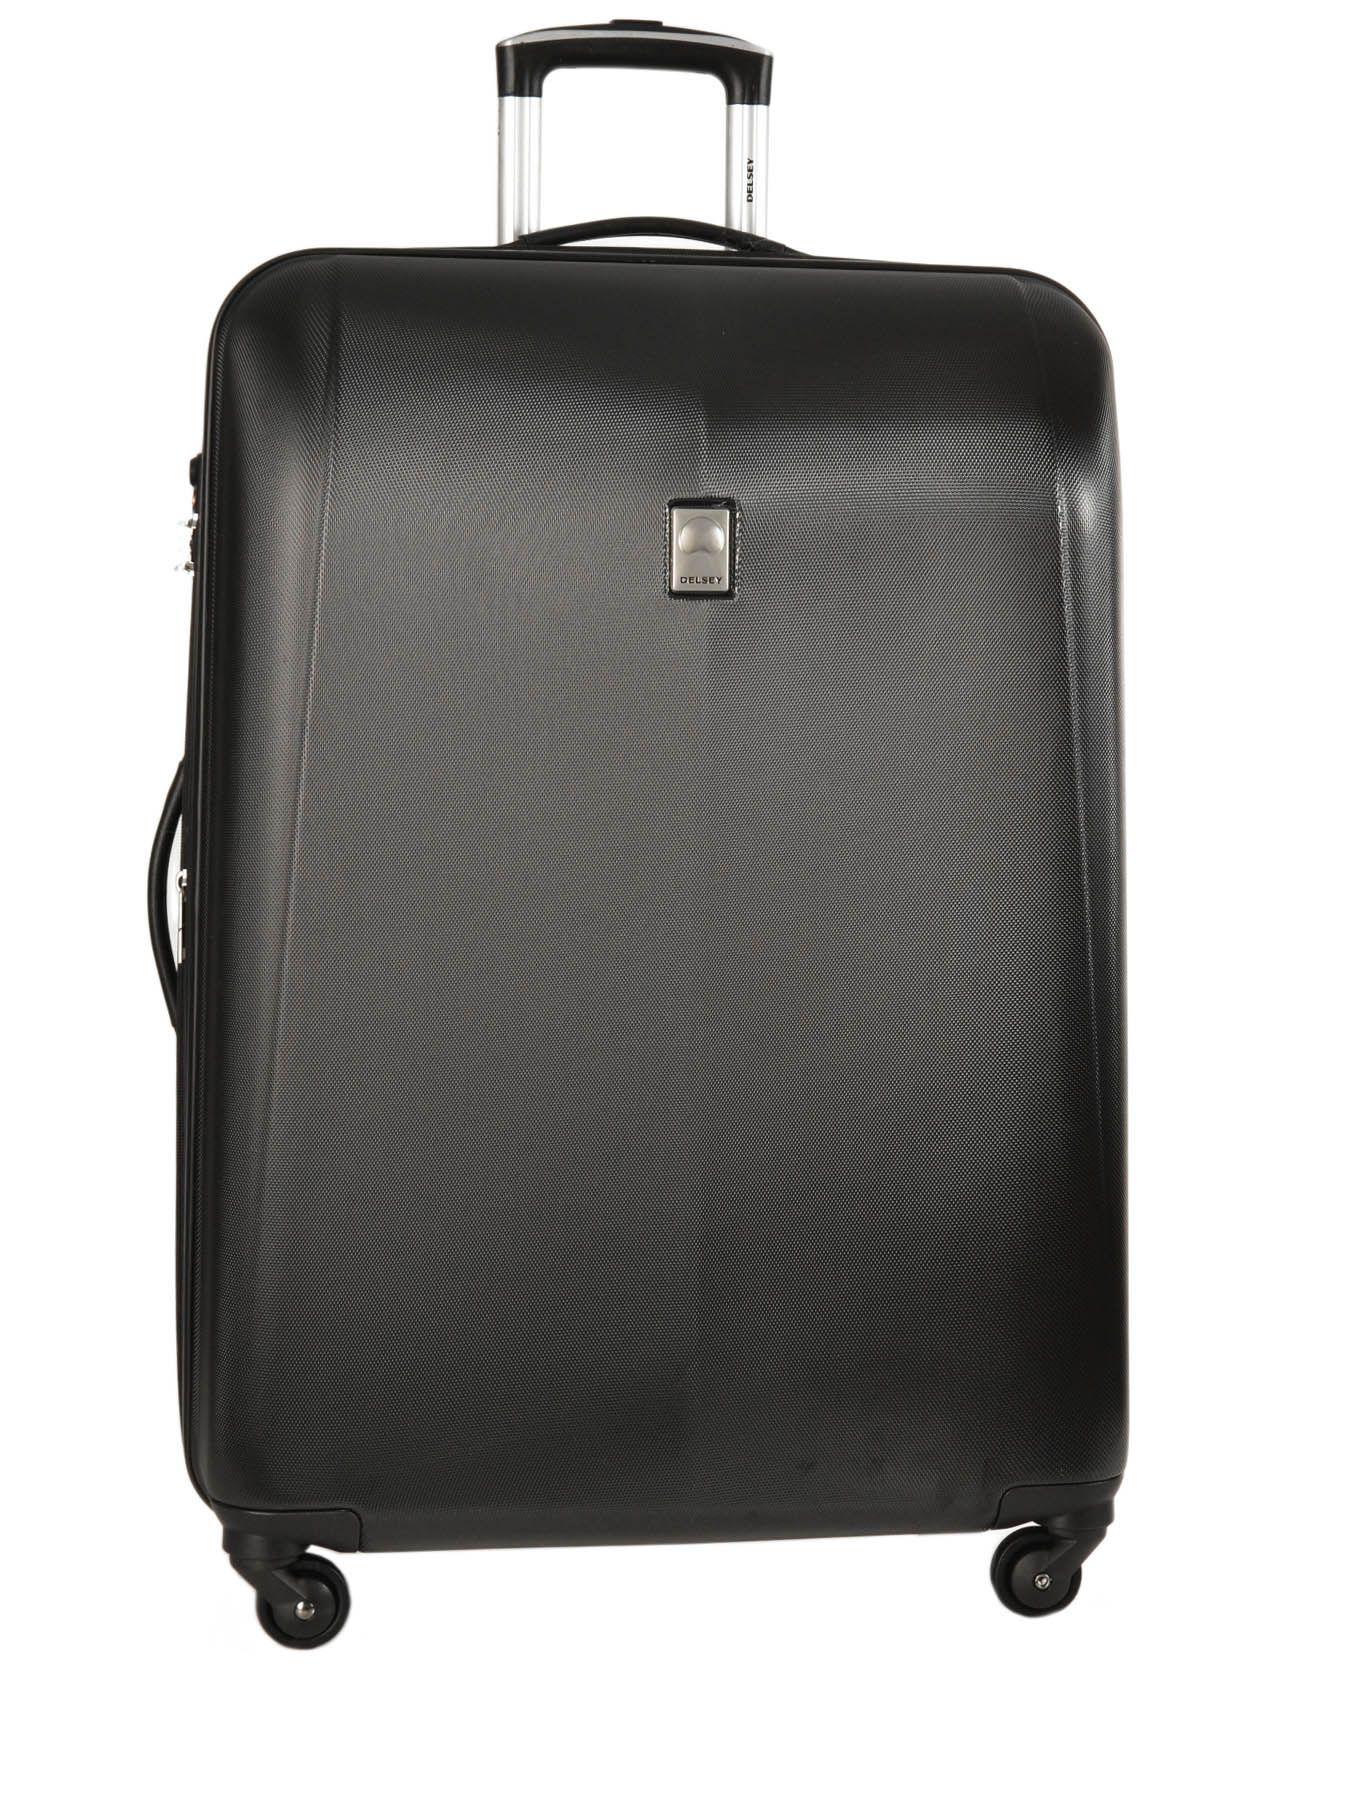 extendo 3 delsey hardside luggage 620821 best prices. Black Bedroom Furniture Sets. Home Design Ideas